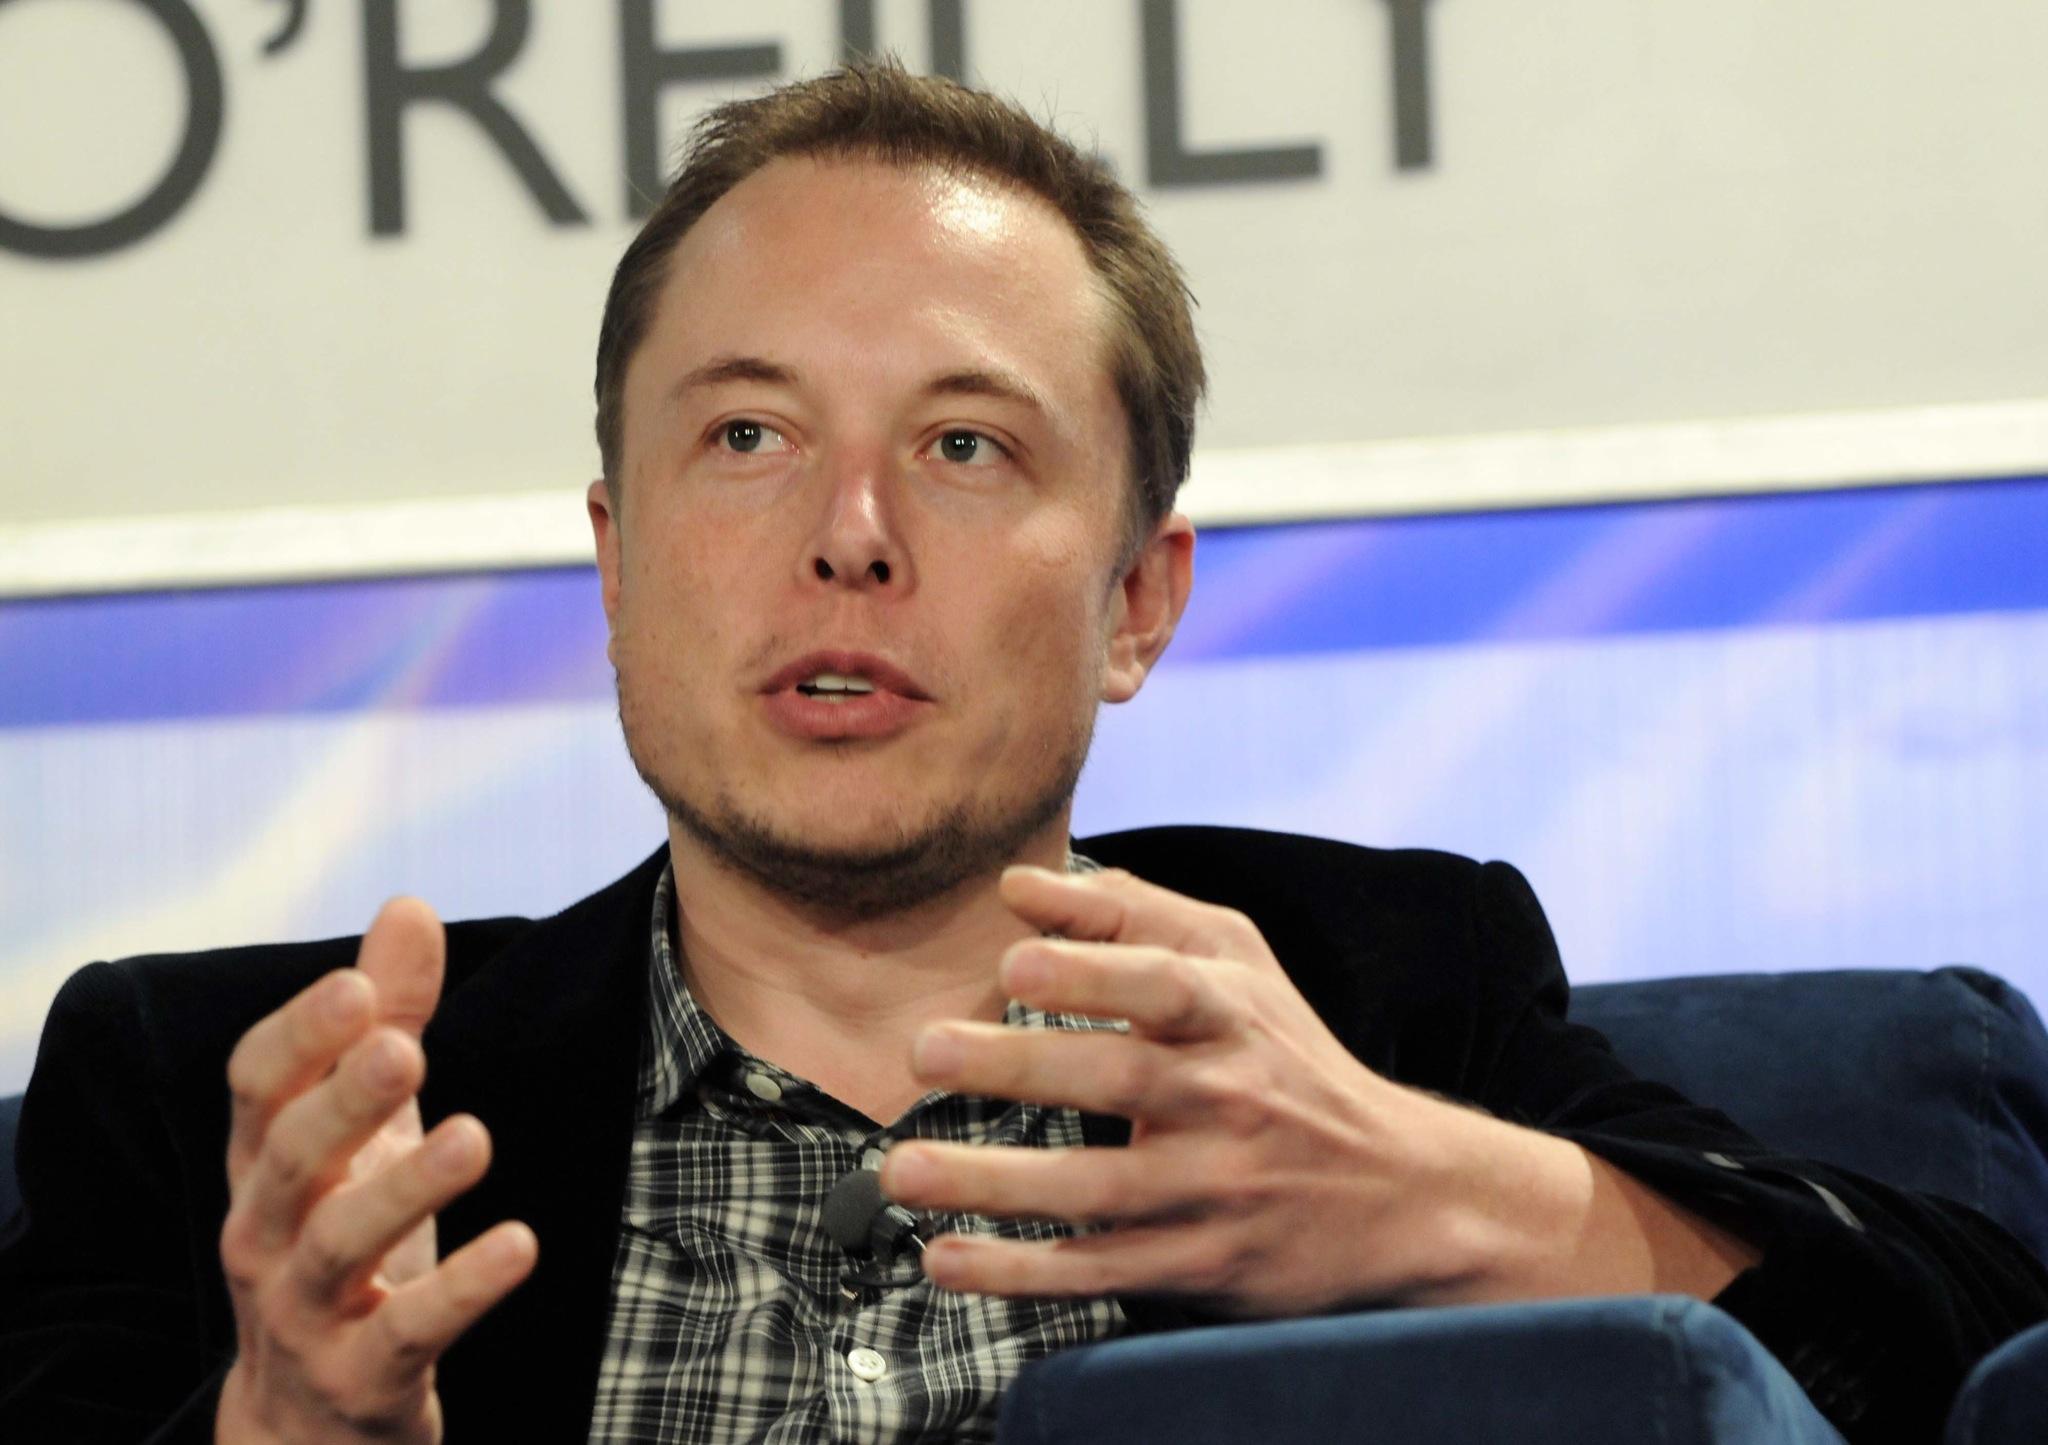 Elon Musk ultrapassa Warren Buffett na lista de bilionários do mundo